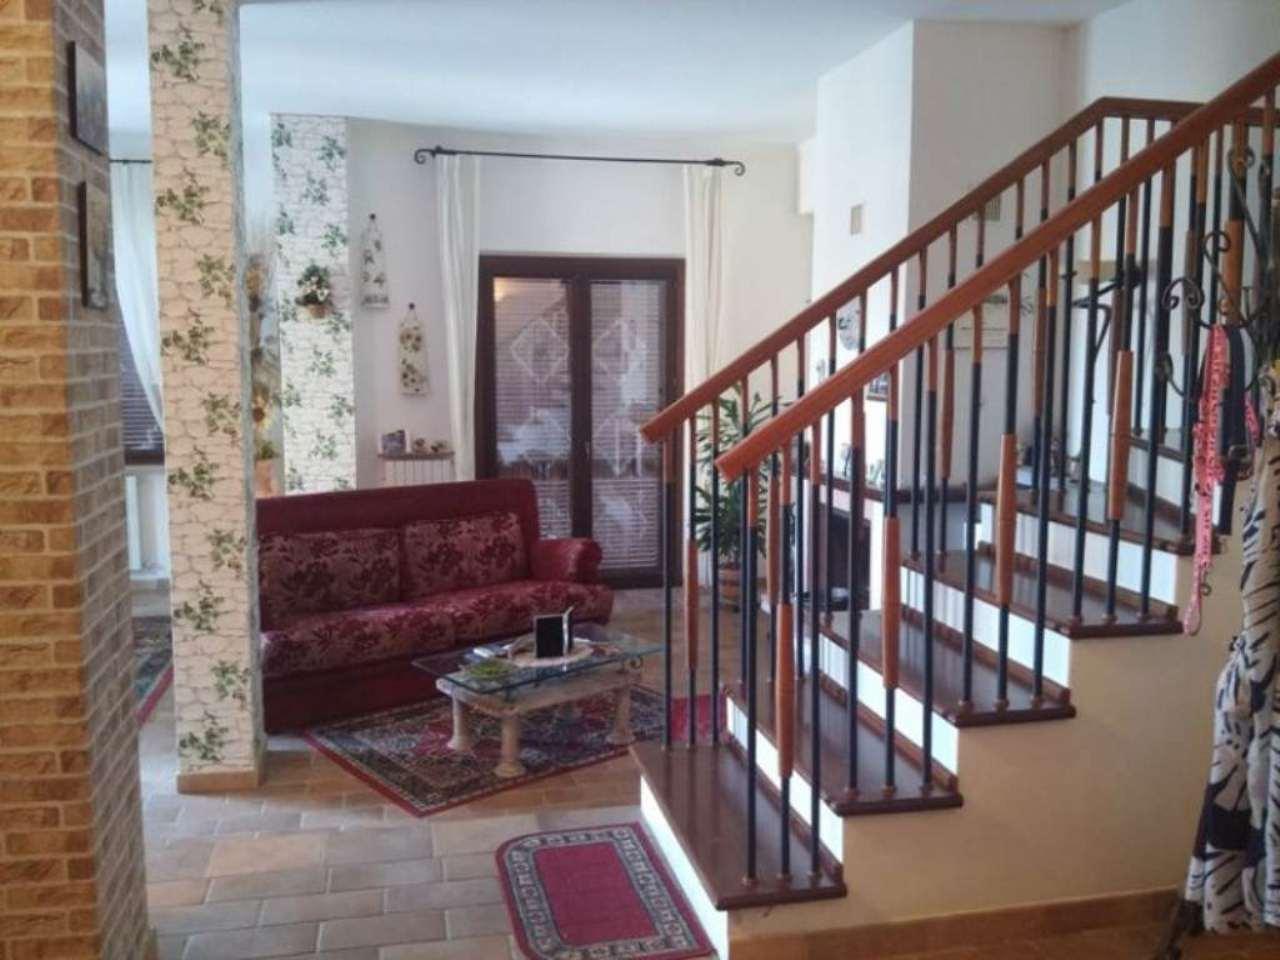 Villa Bifamiliare in vendita a Polverigi, 4 locali, prezzo € 285.000 | Cambio Casa.it